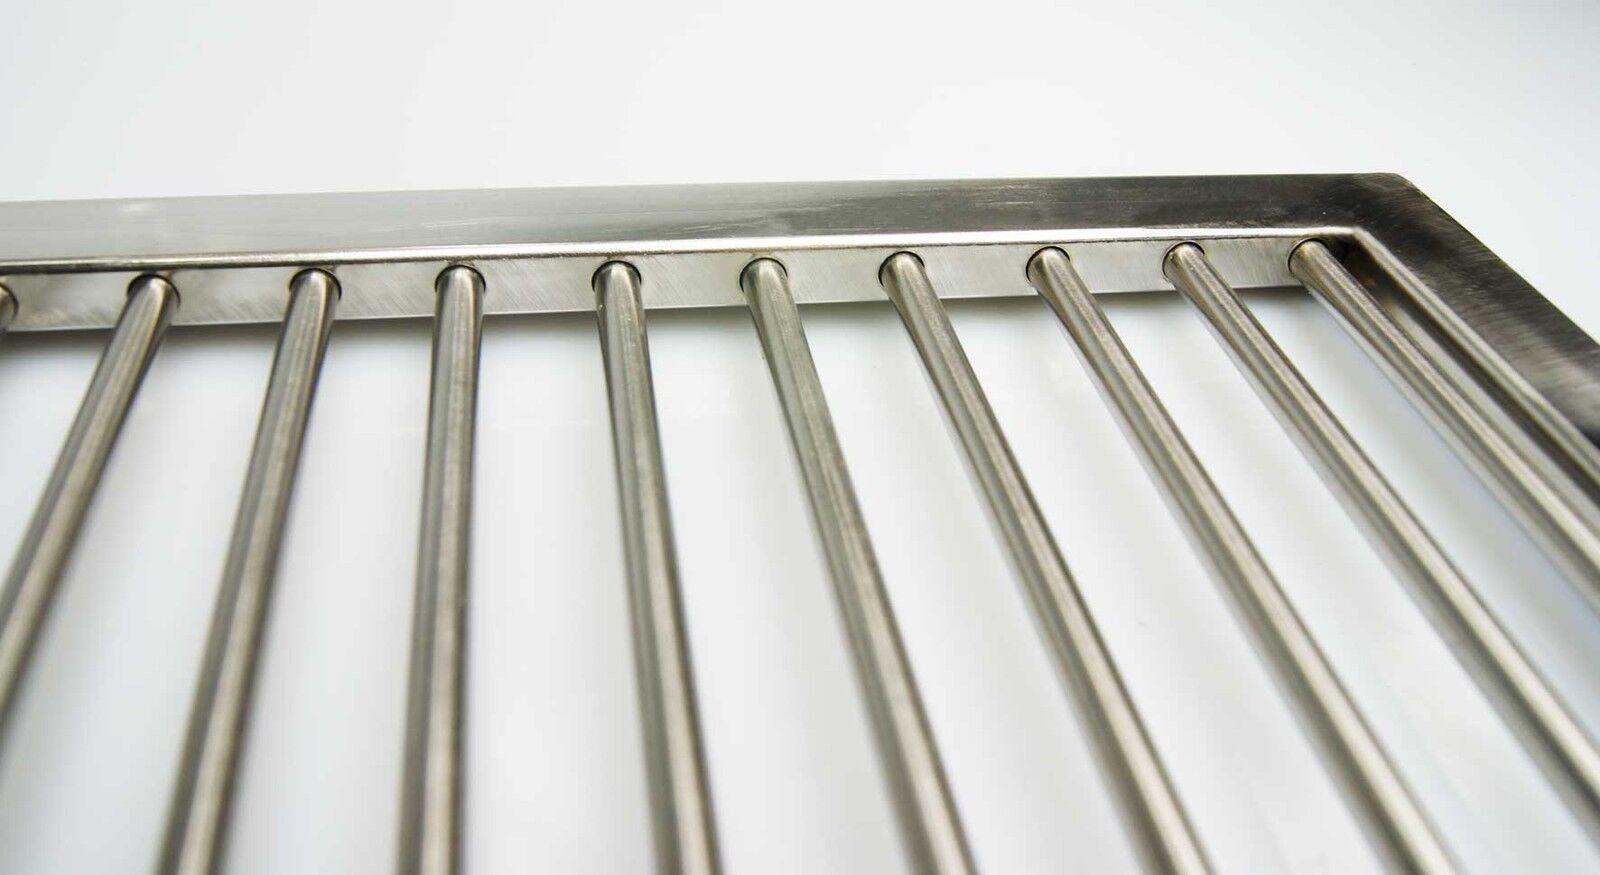 premium grillrost edelstahl 60 x 40 cm 6mm st be massiv grillkamin grill rost eur 64 90. Black Bedroom Furniture Sets. Home Design Ideas